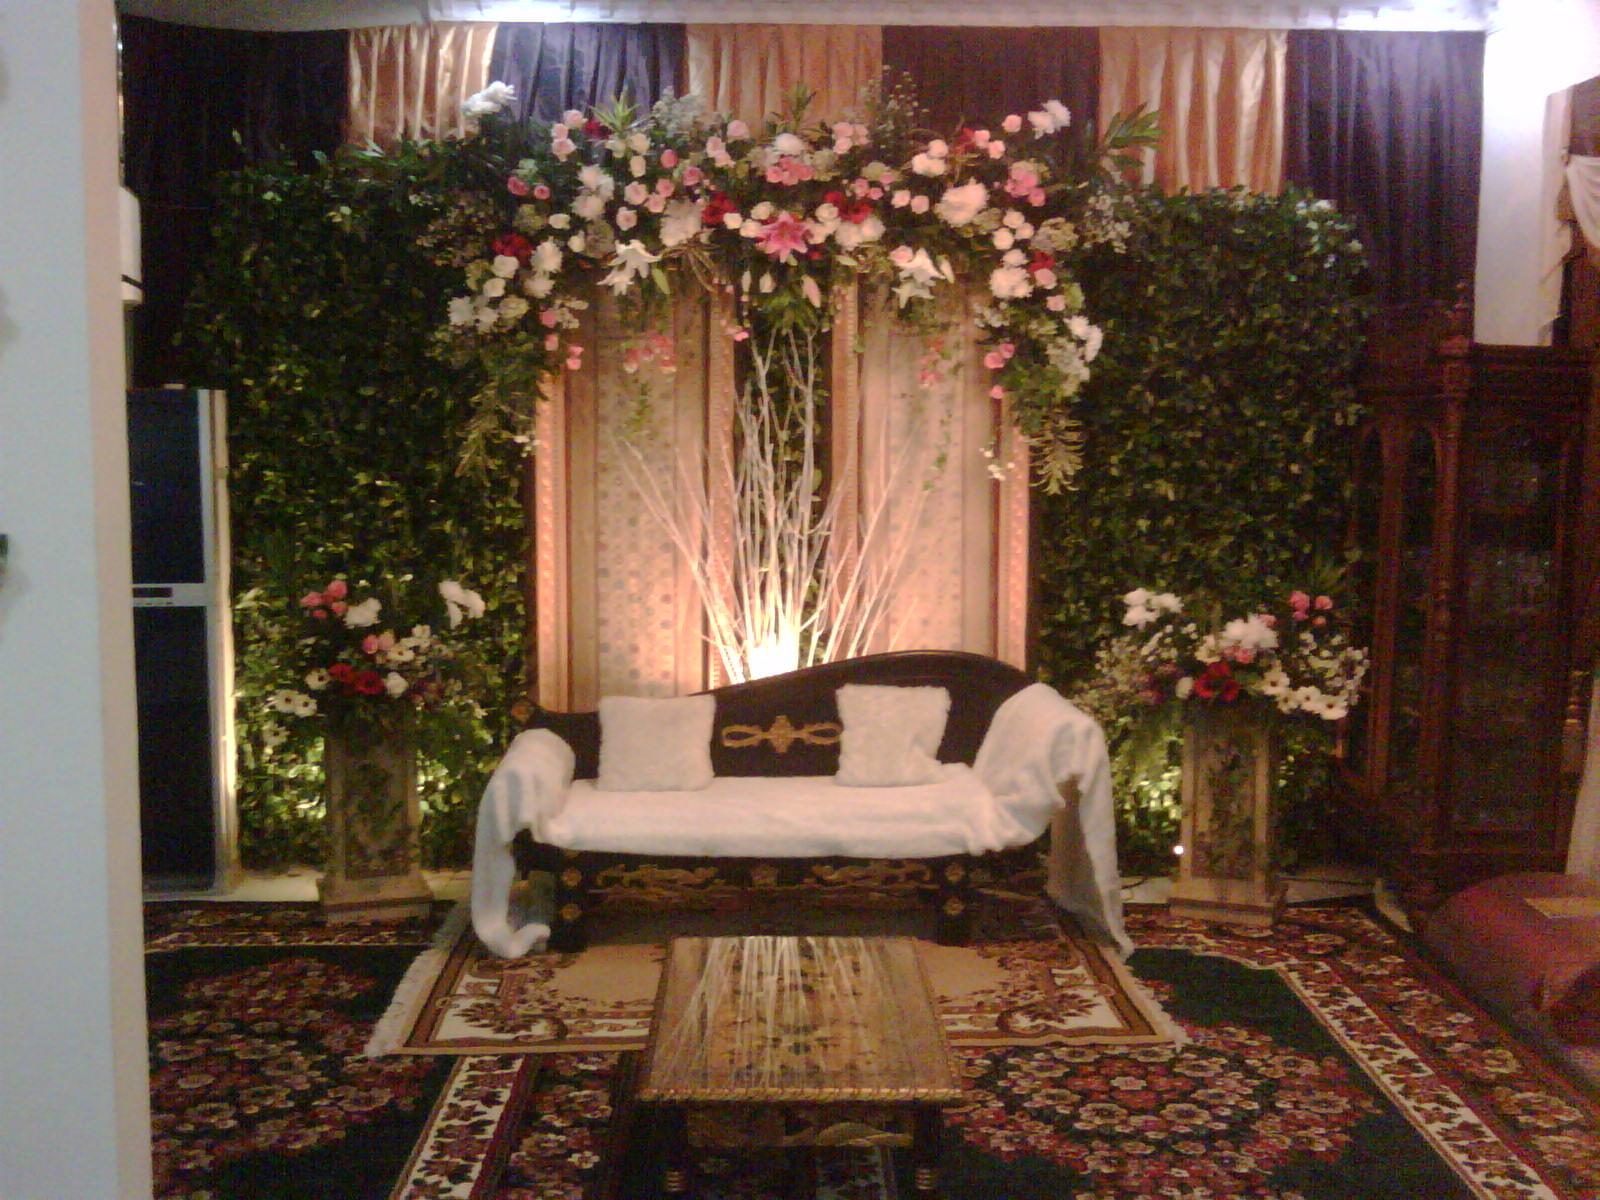 Desain Pernikahan Dekorasi Pelaminan Minimalis Di Dalam Rumah